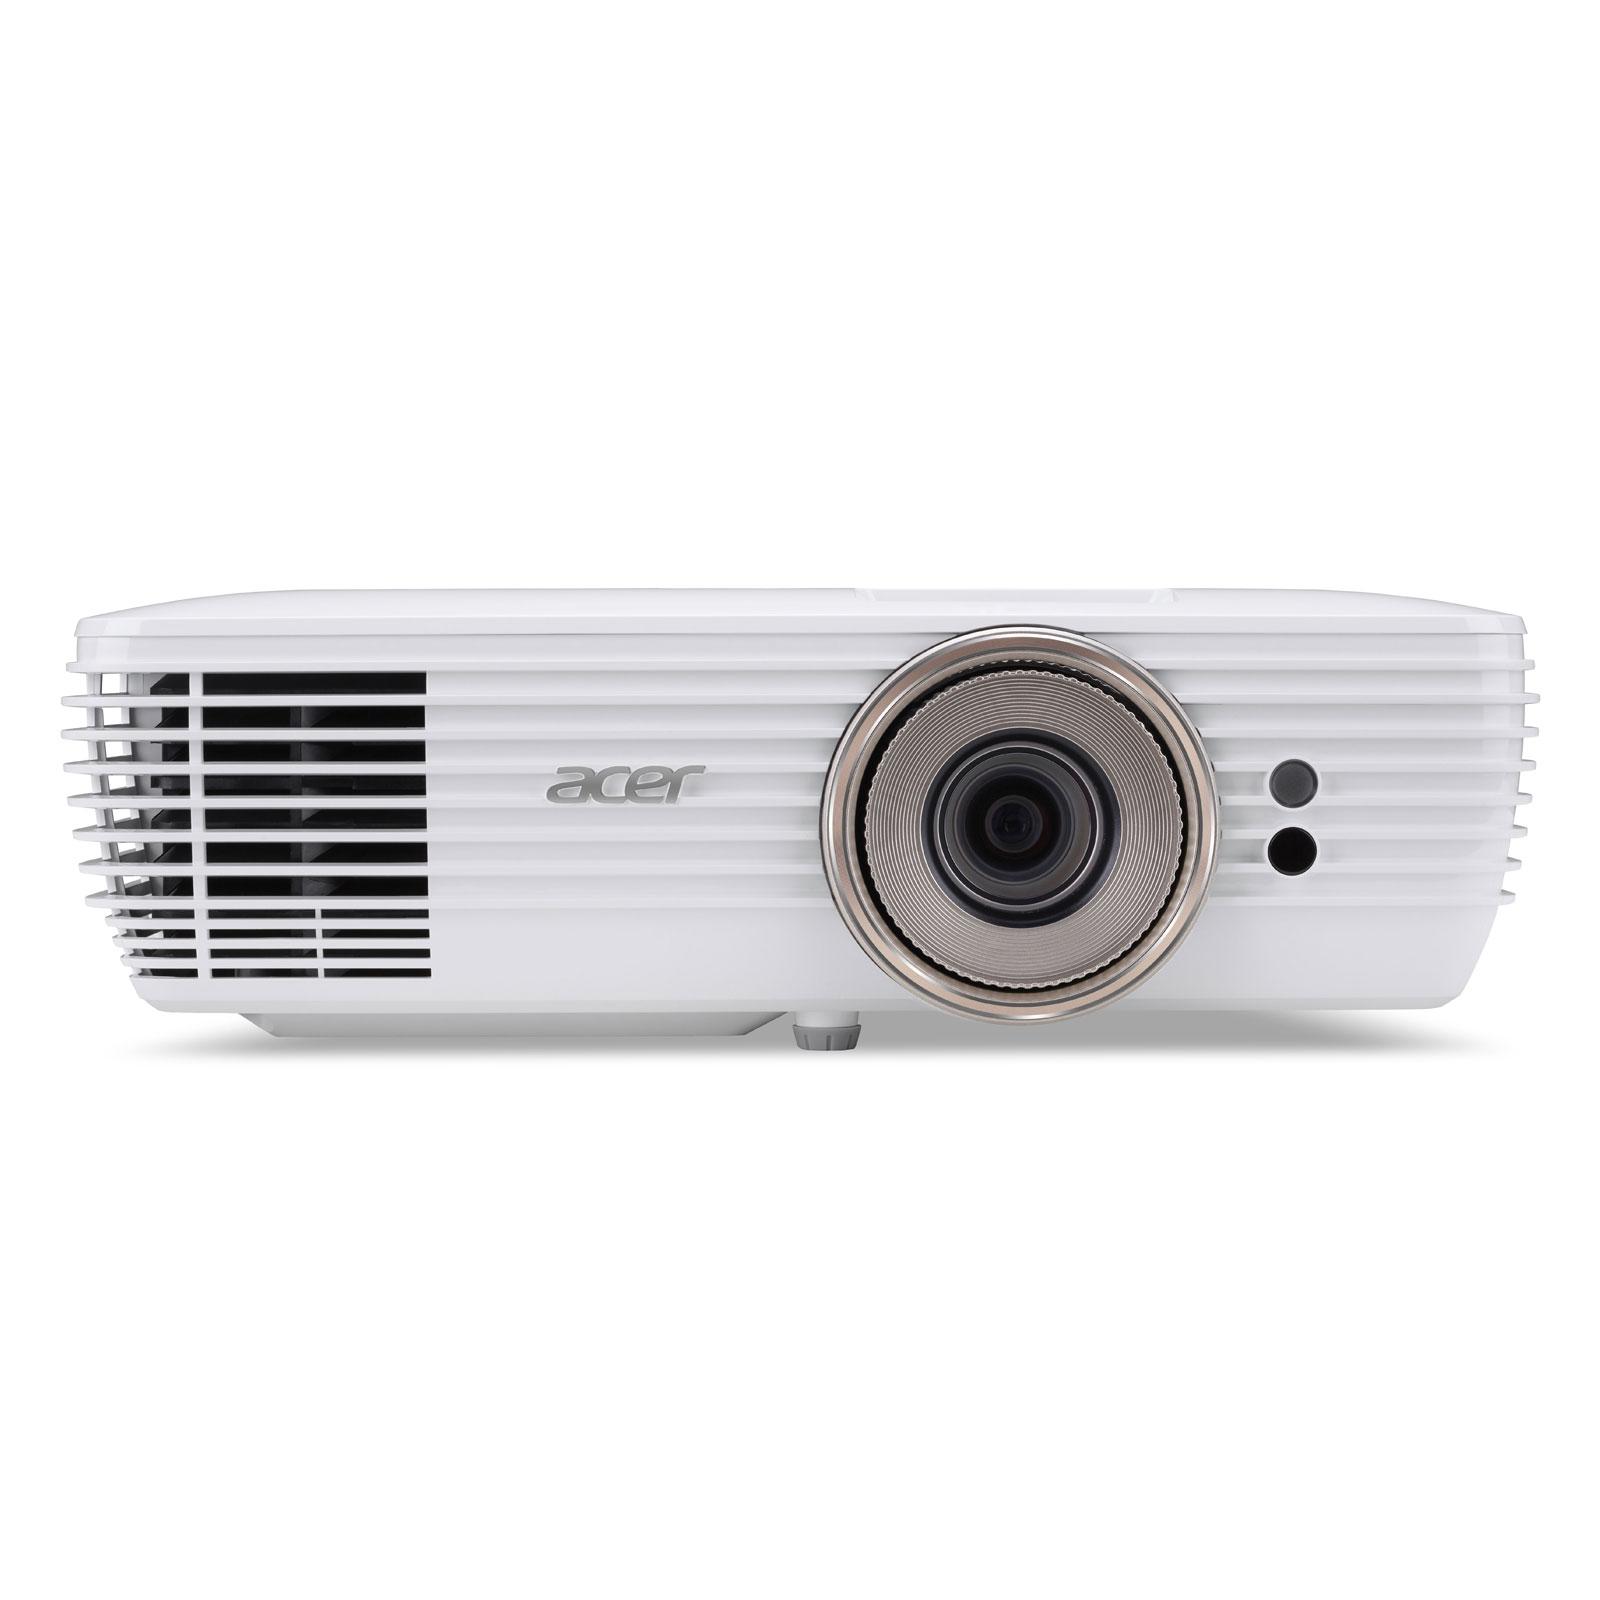 Vidéoprojecteur Acer V7850 Vidéoprojecteur 4K UHD - DLP - 2200 ANSI Lumens - HDR - Lens Shift - HDMI 2.0 - HDCP 2.2 - Ethernet